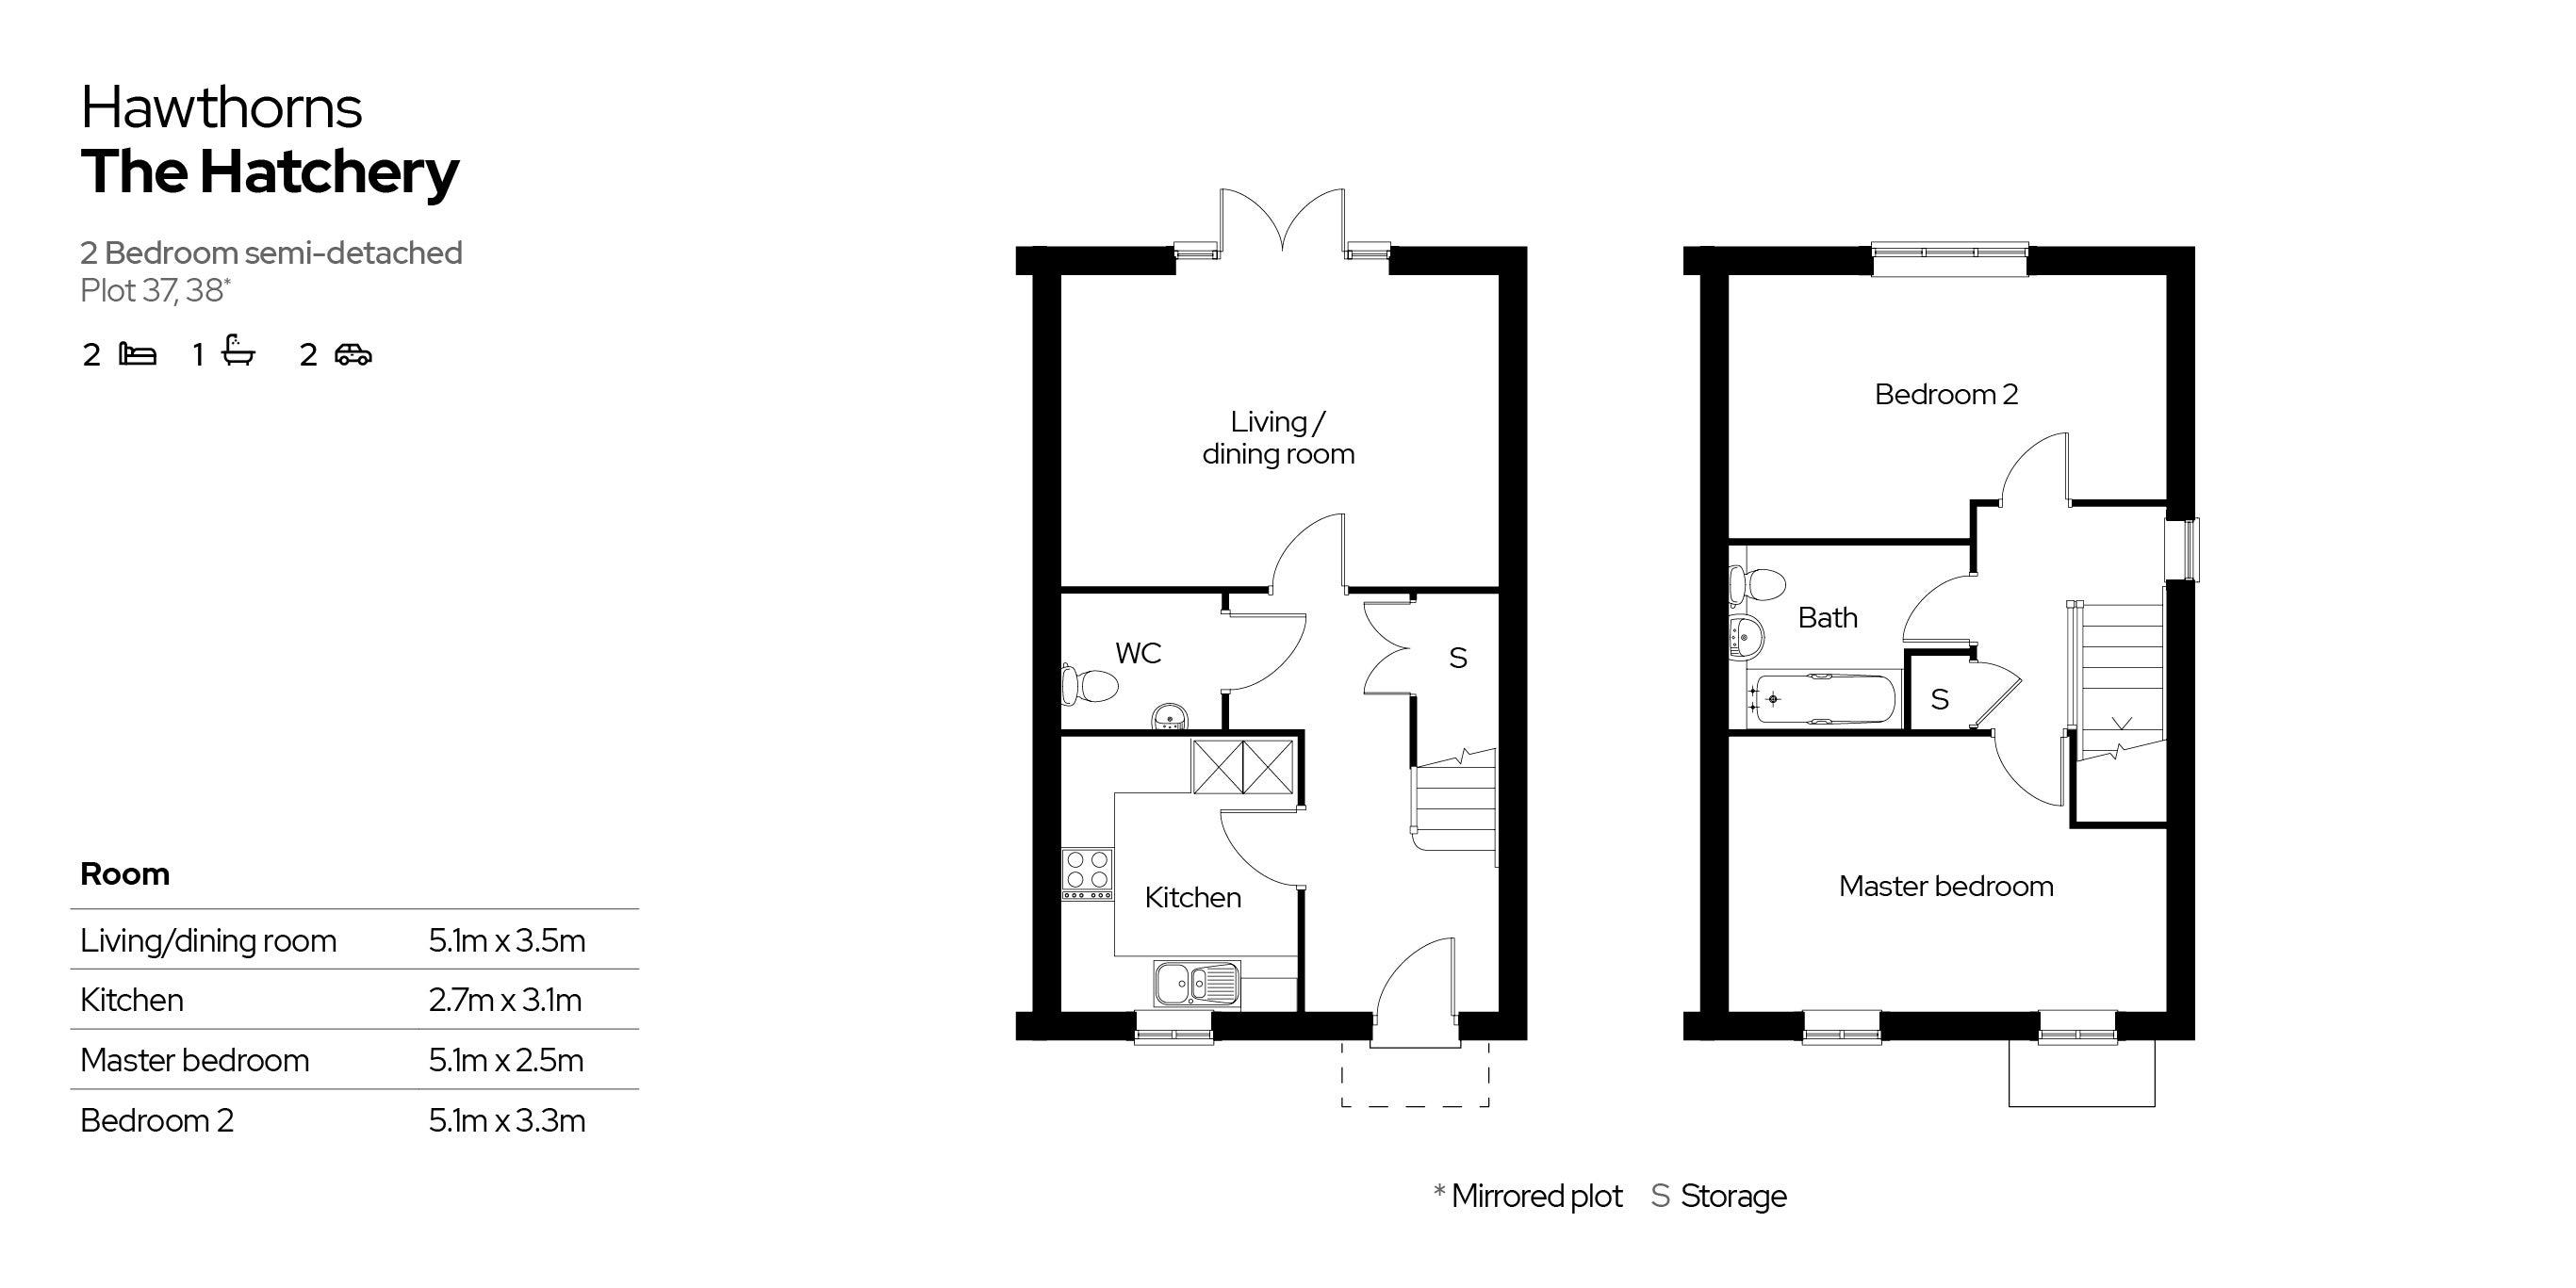 Hawthorns 2 bedroom home floor plan